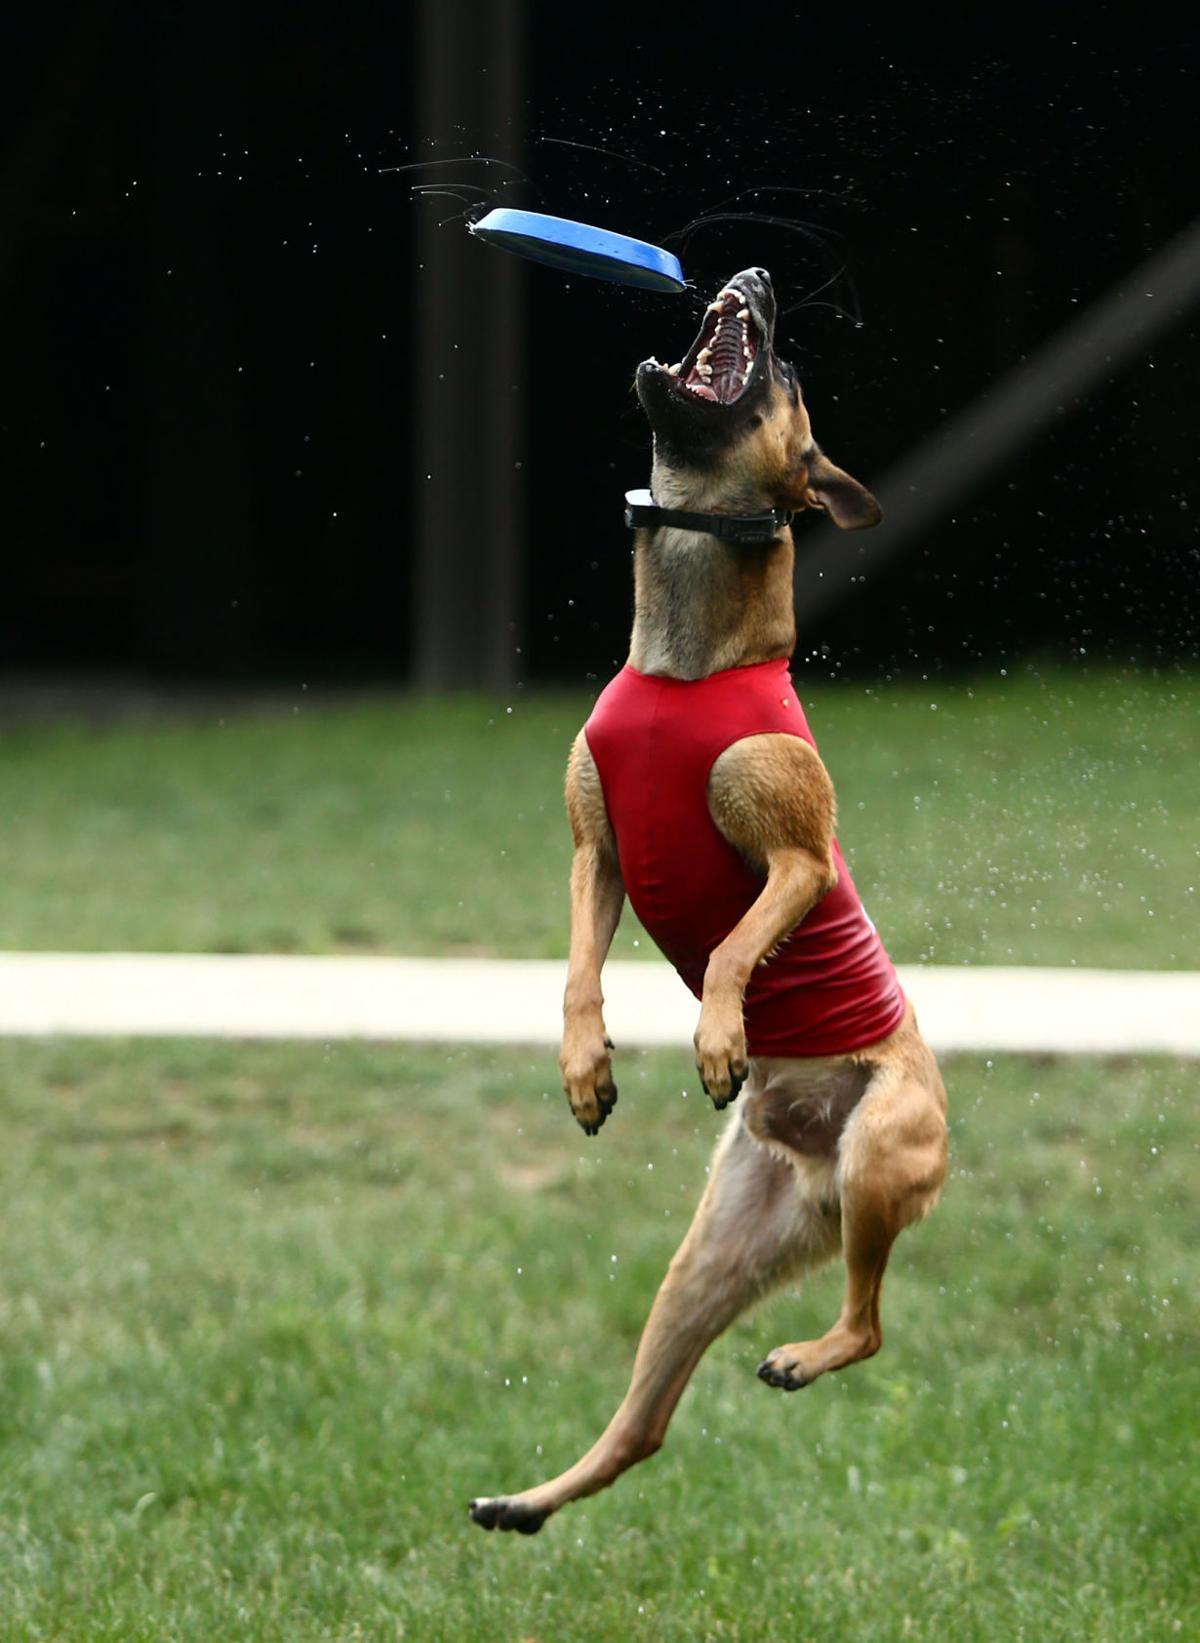 Navi the bat dog 12.JPG